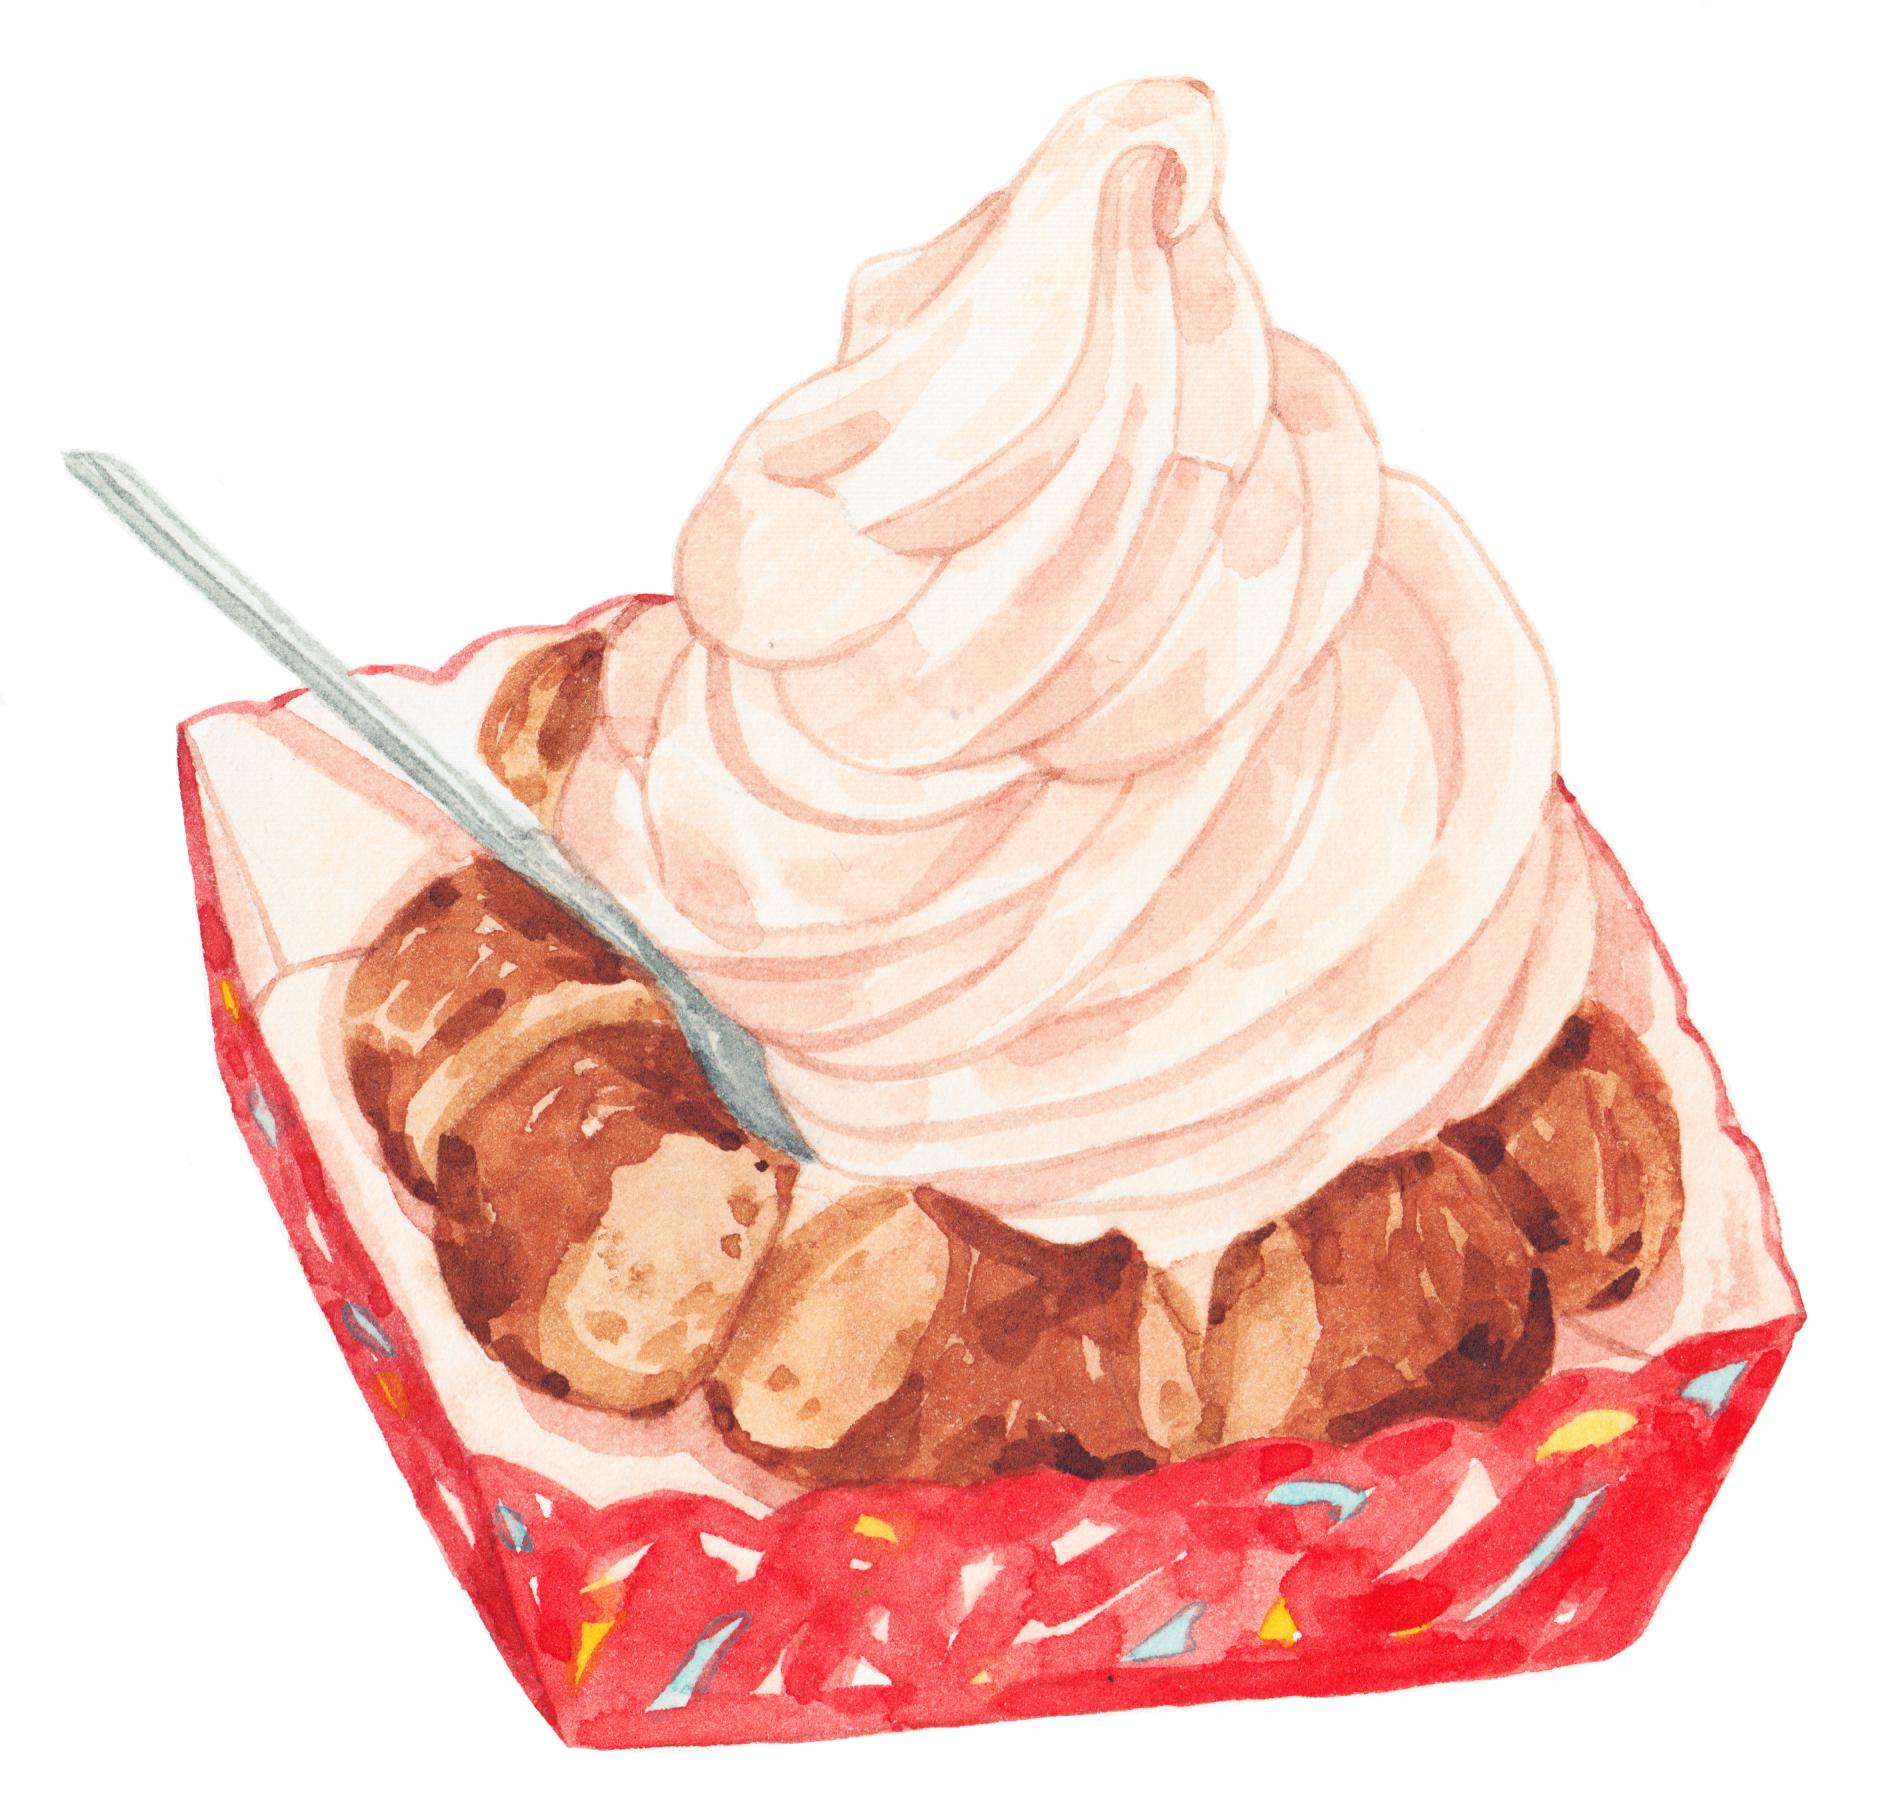 Justine-Wong-Illustration-Food-Icecream.jpg